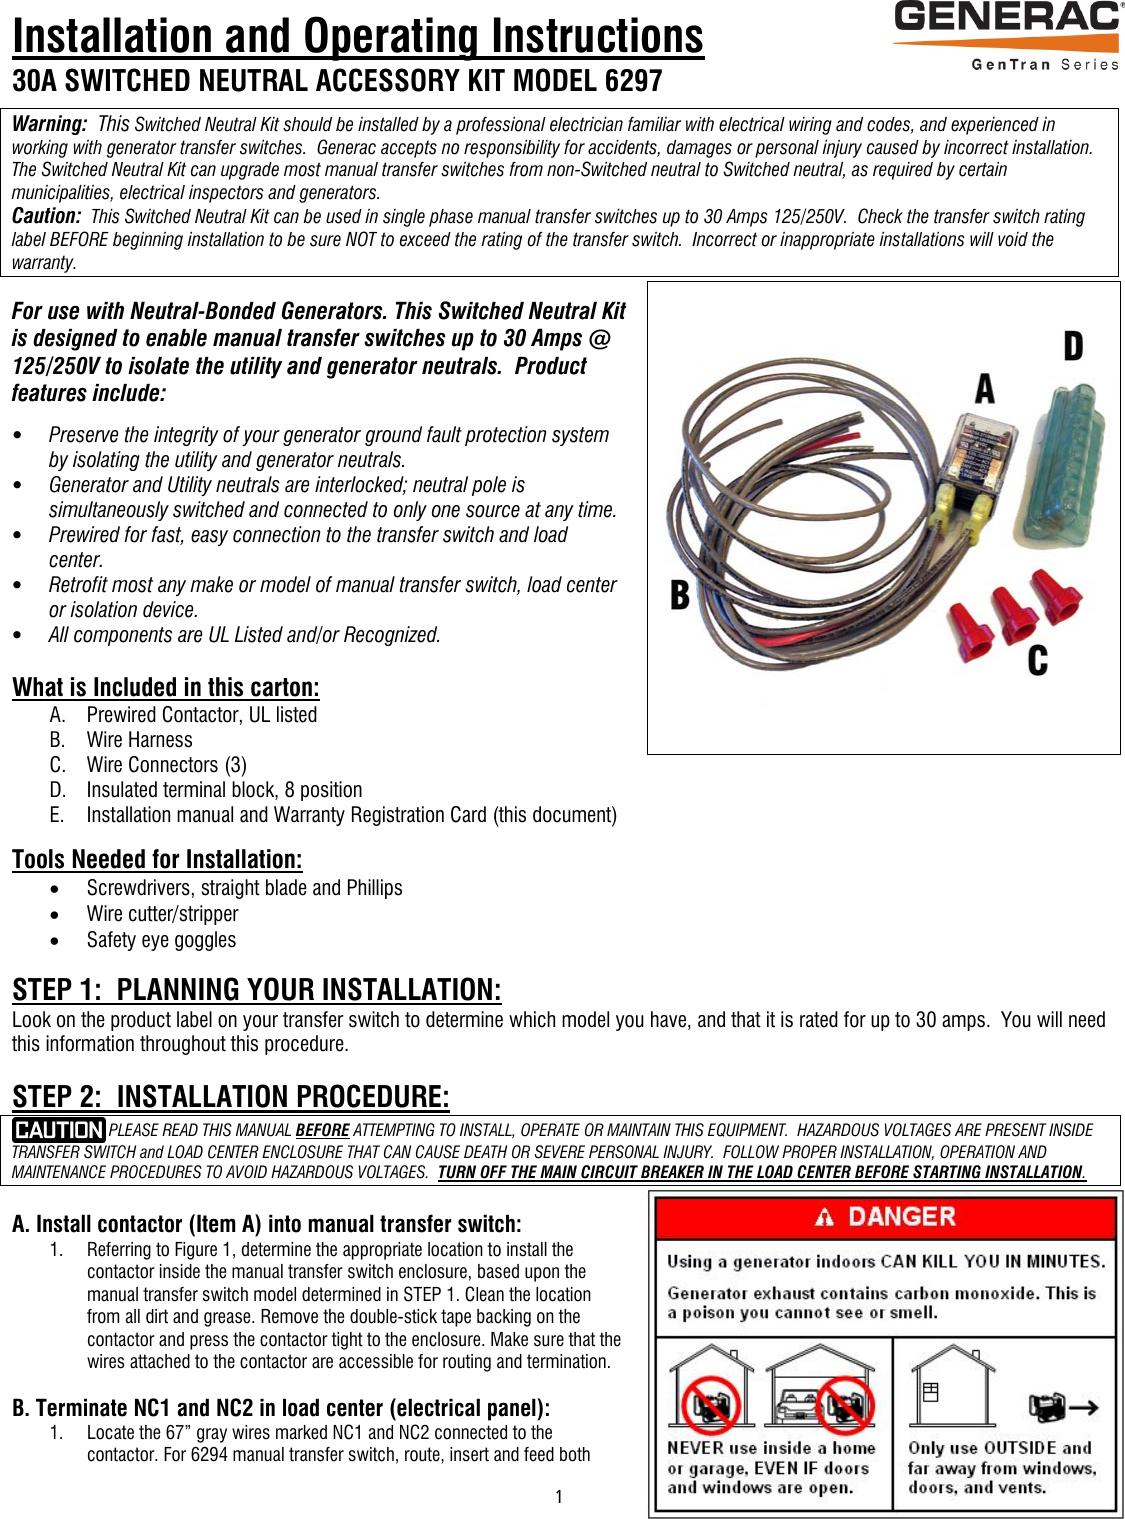 Snk 6297 Installrevb Eng 66316 2 Generac Install Manual Generator Transfer Switch Wiring